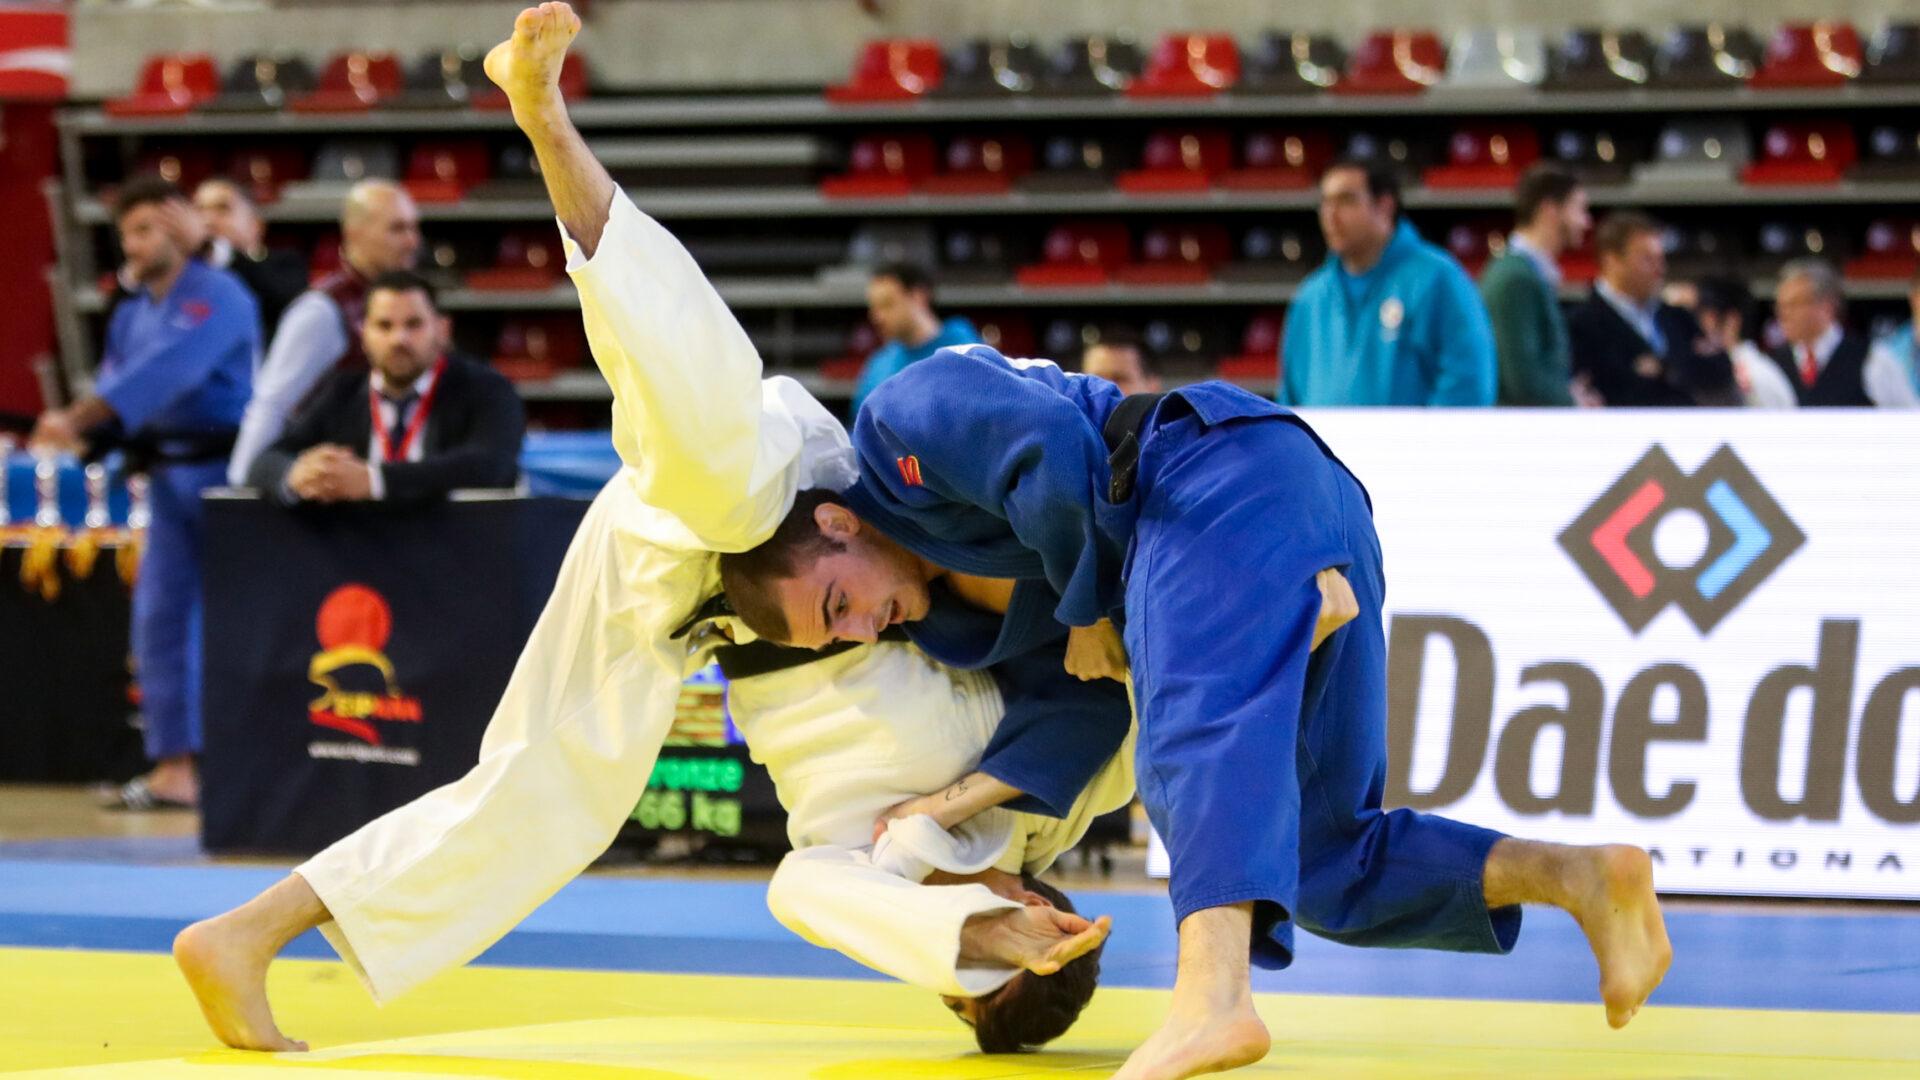 El regreso a los tatamis de competición